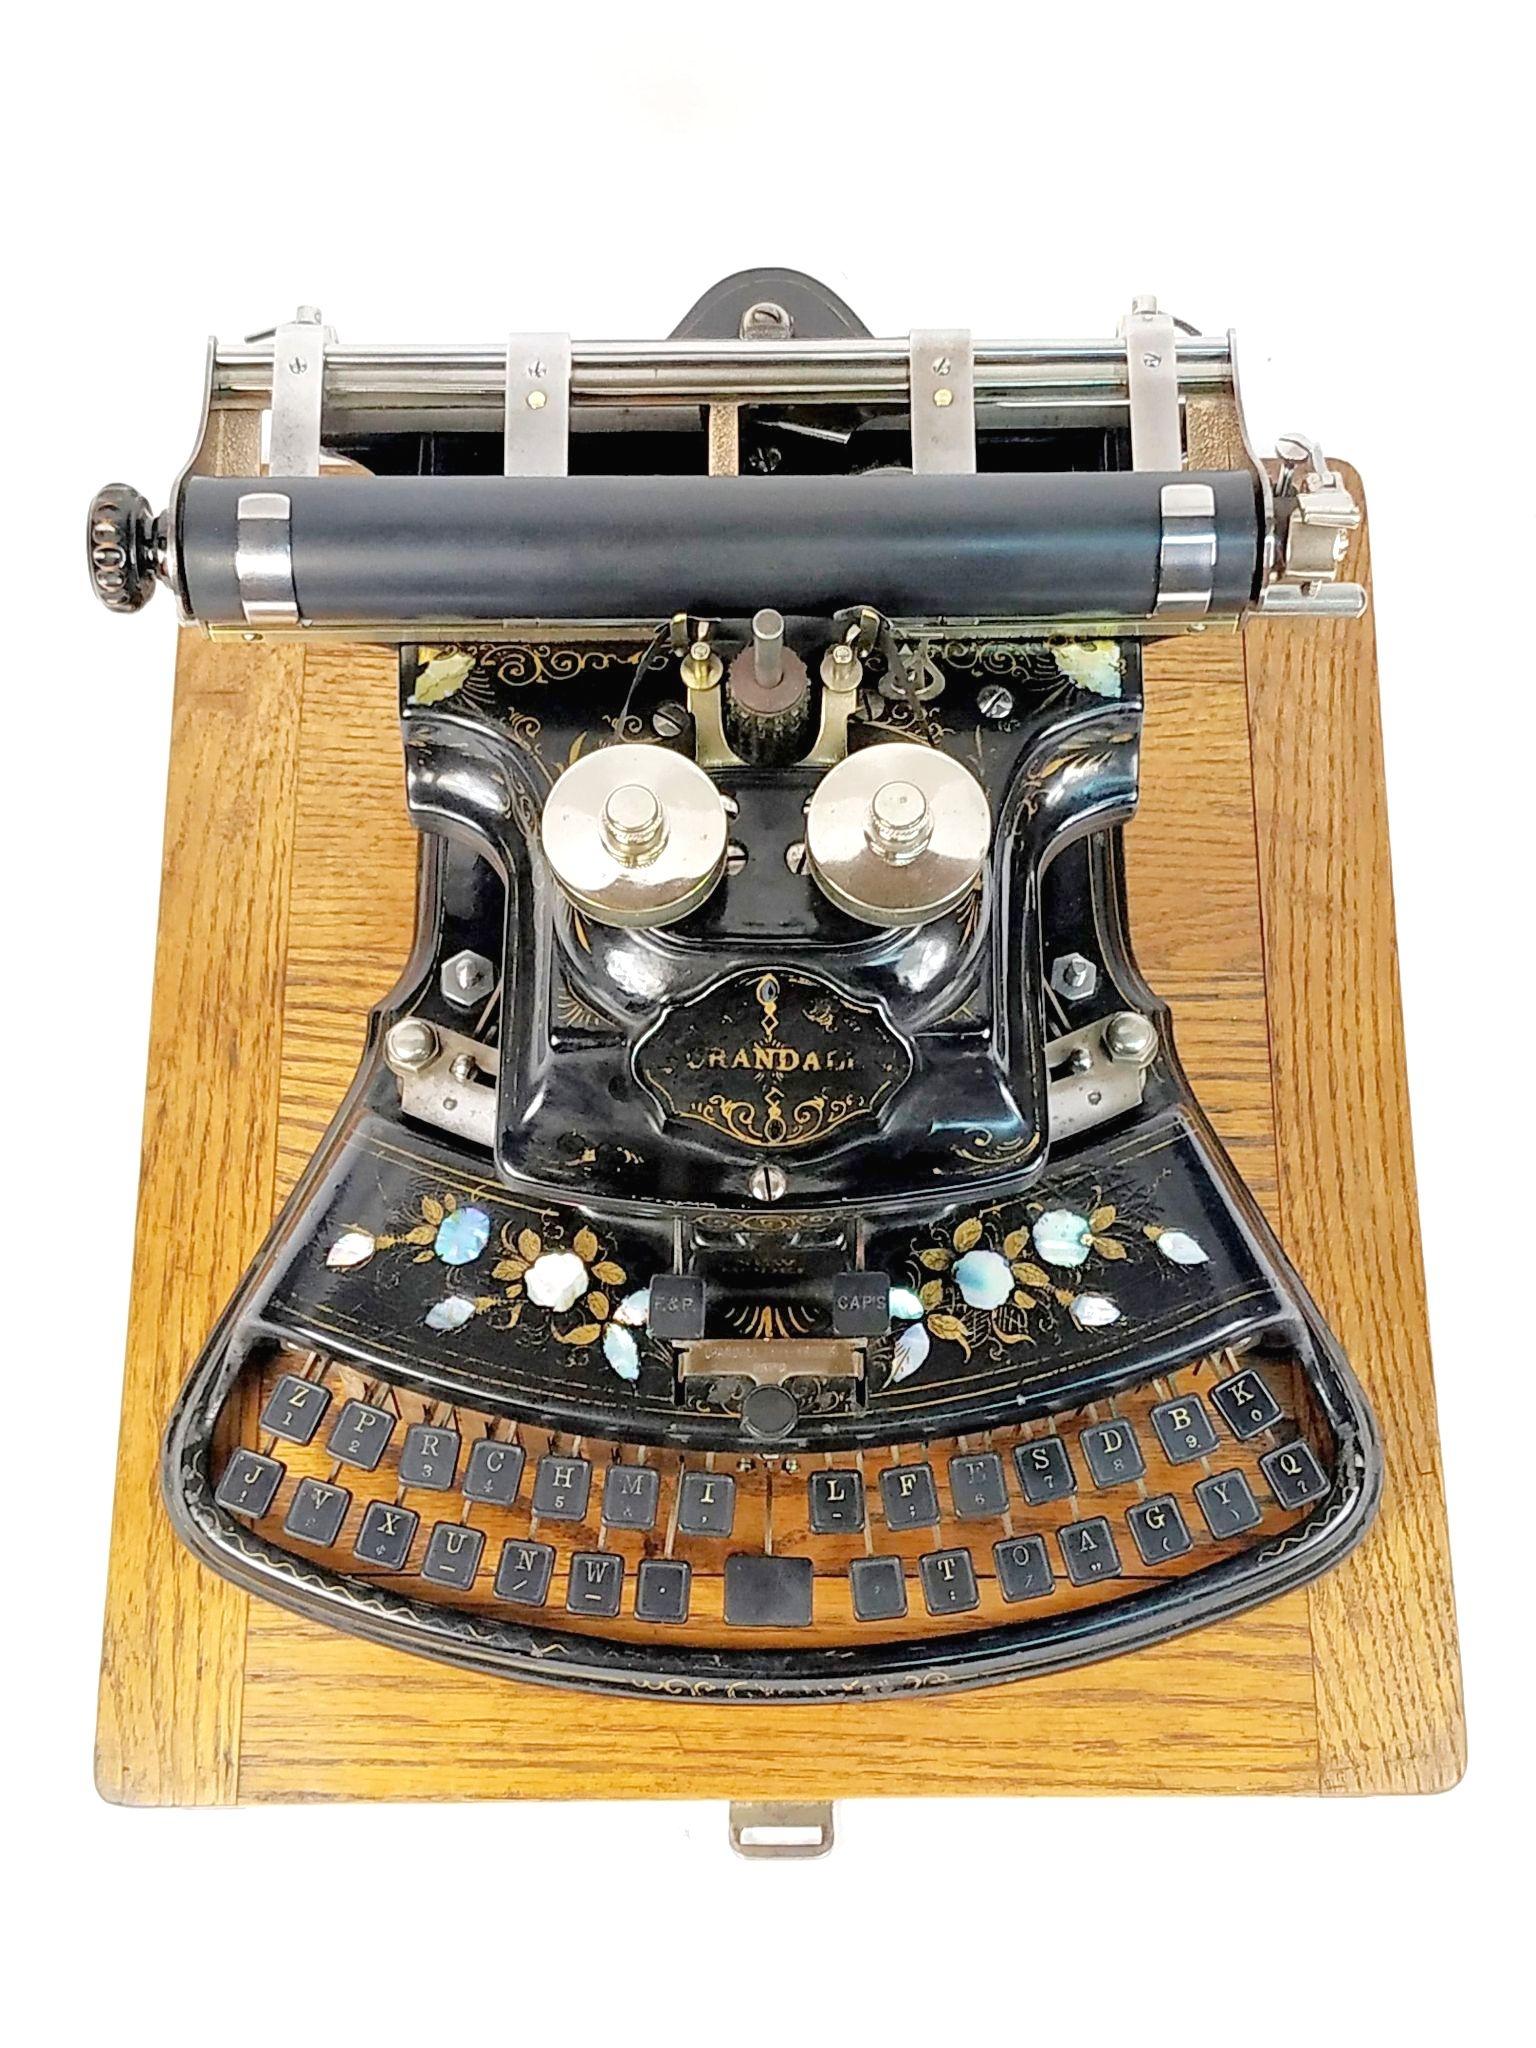 Imagen CRANDALL NEW MODEL AÑO 1885 38645